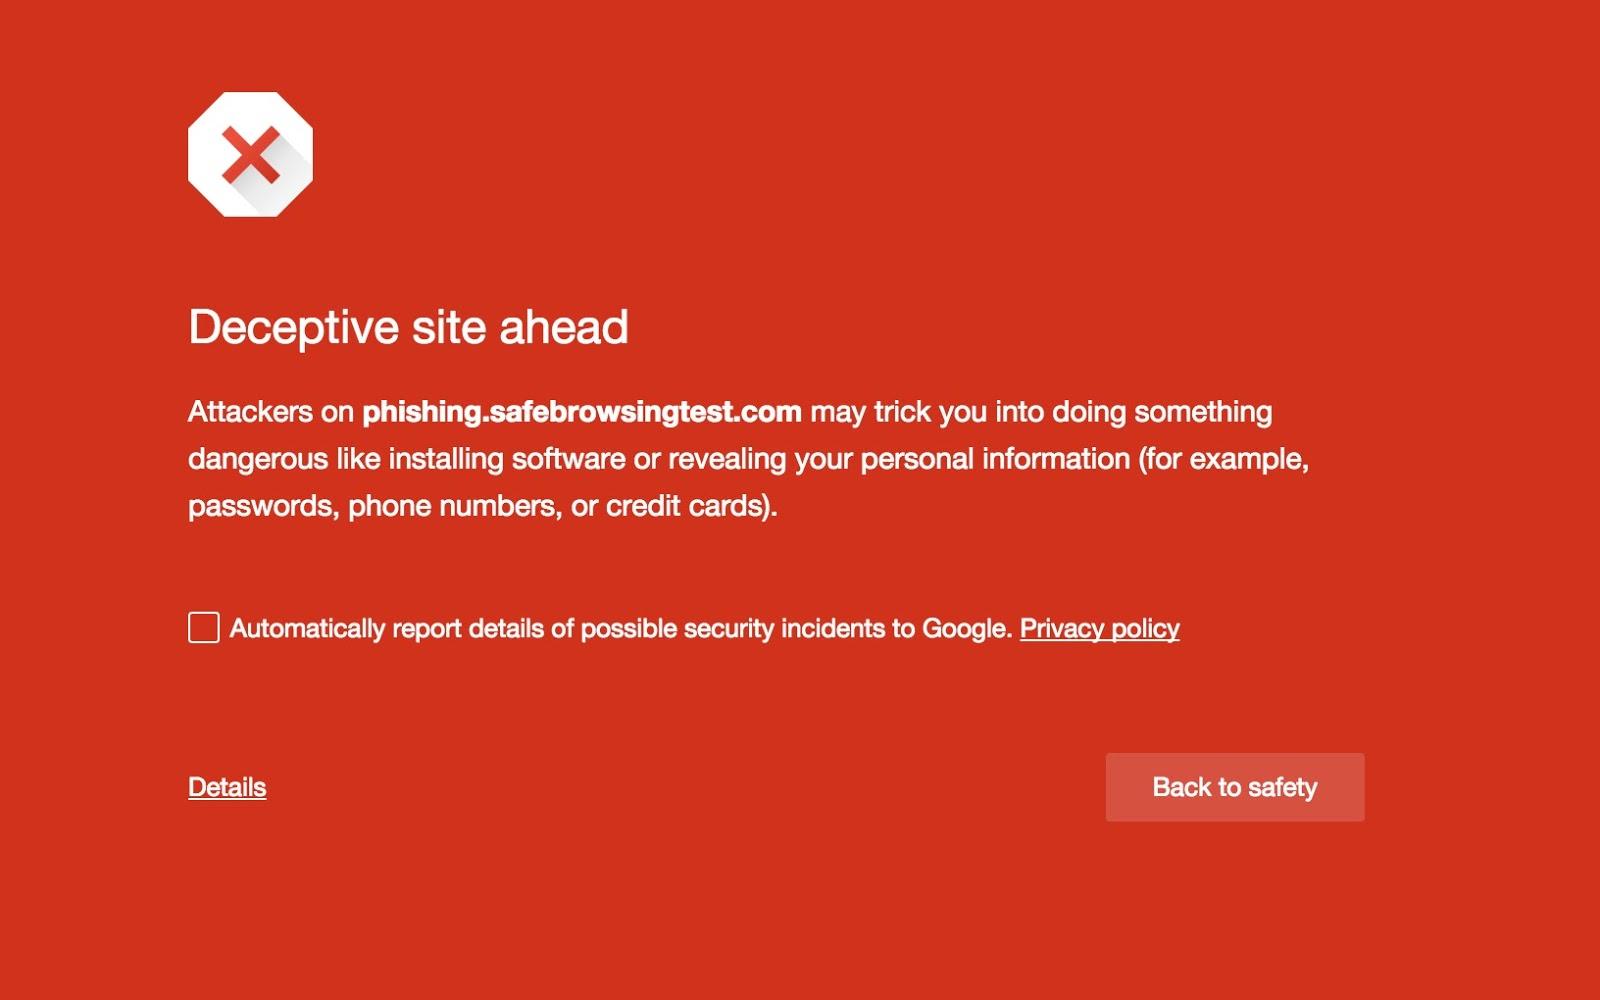 Před Vámi je podvodný web - varuje technologie Google Safe Browsing